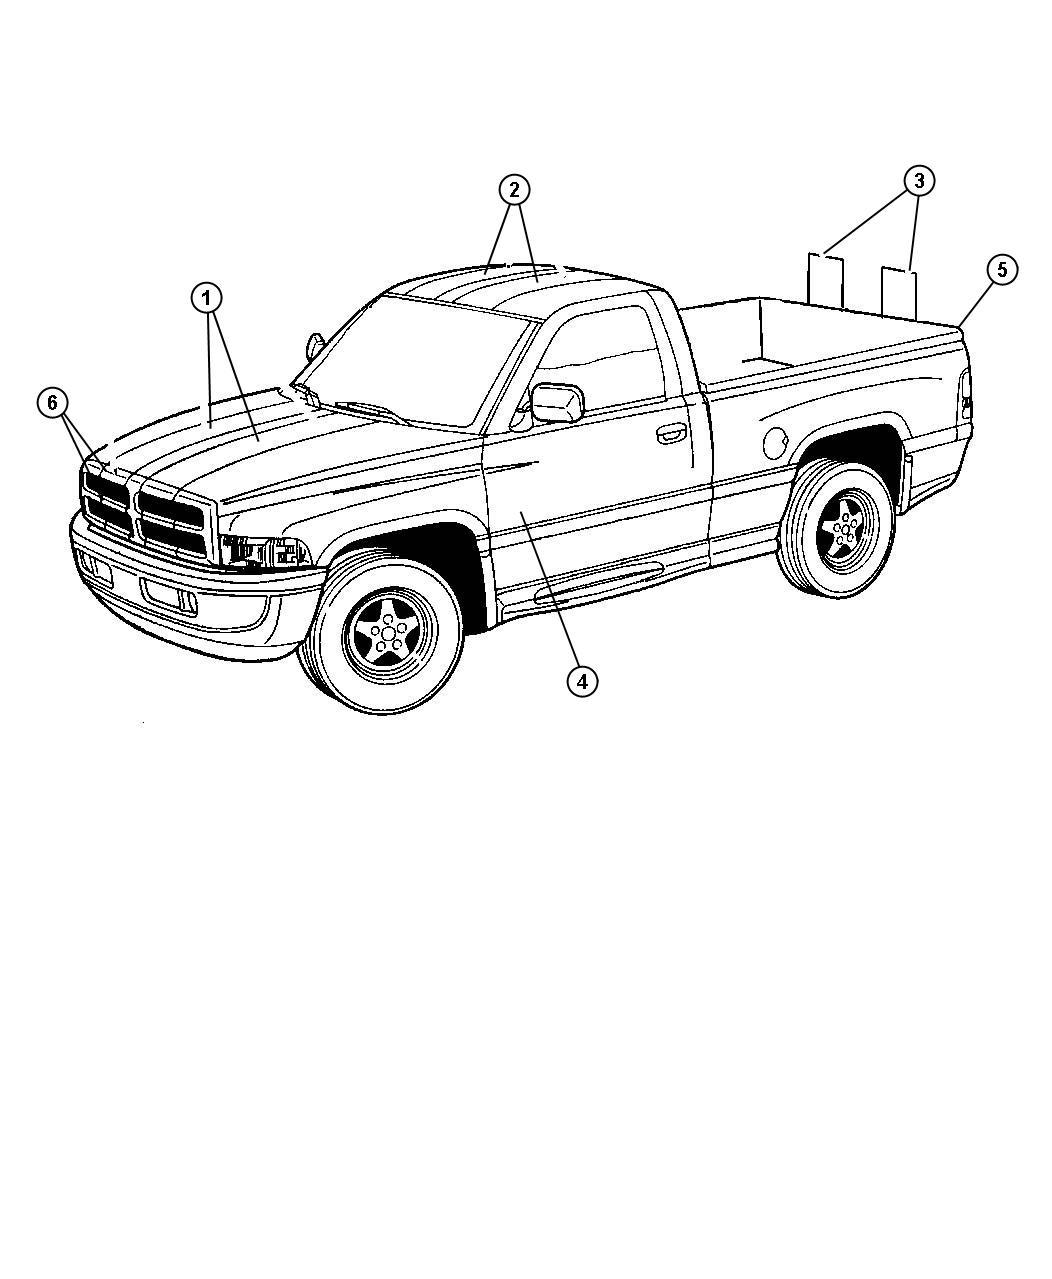 Dodge Ram Drawing At Getdrawings